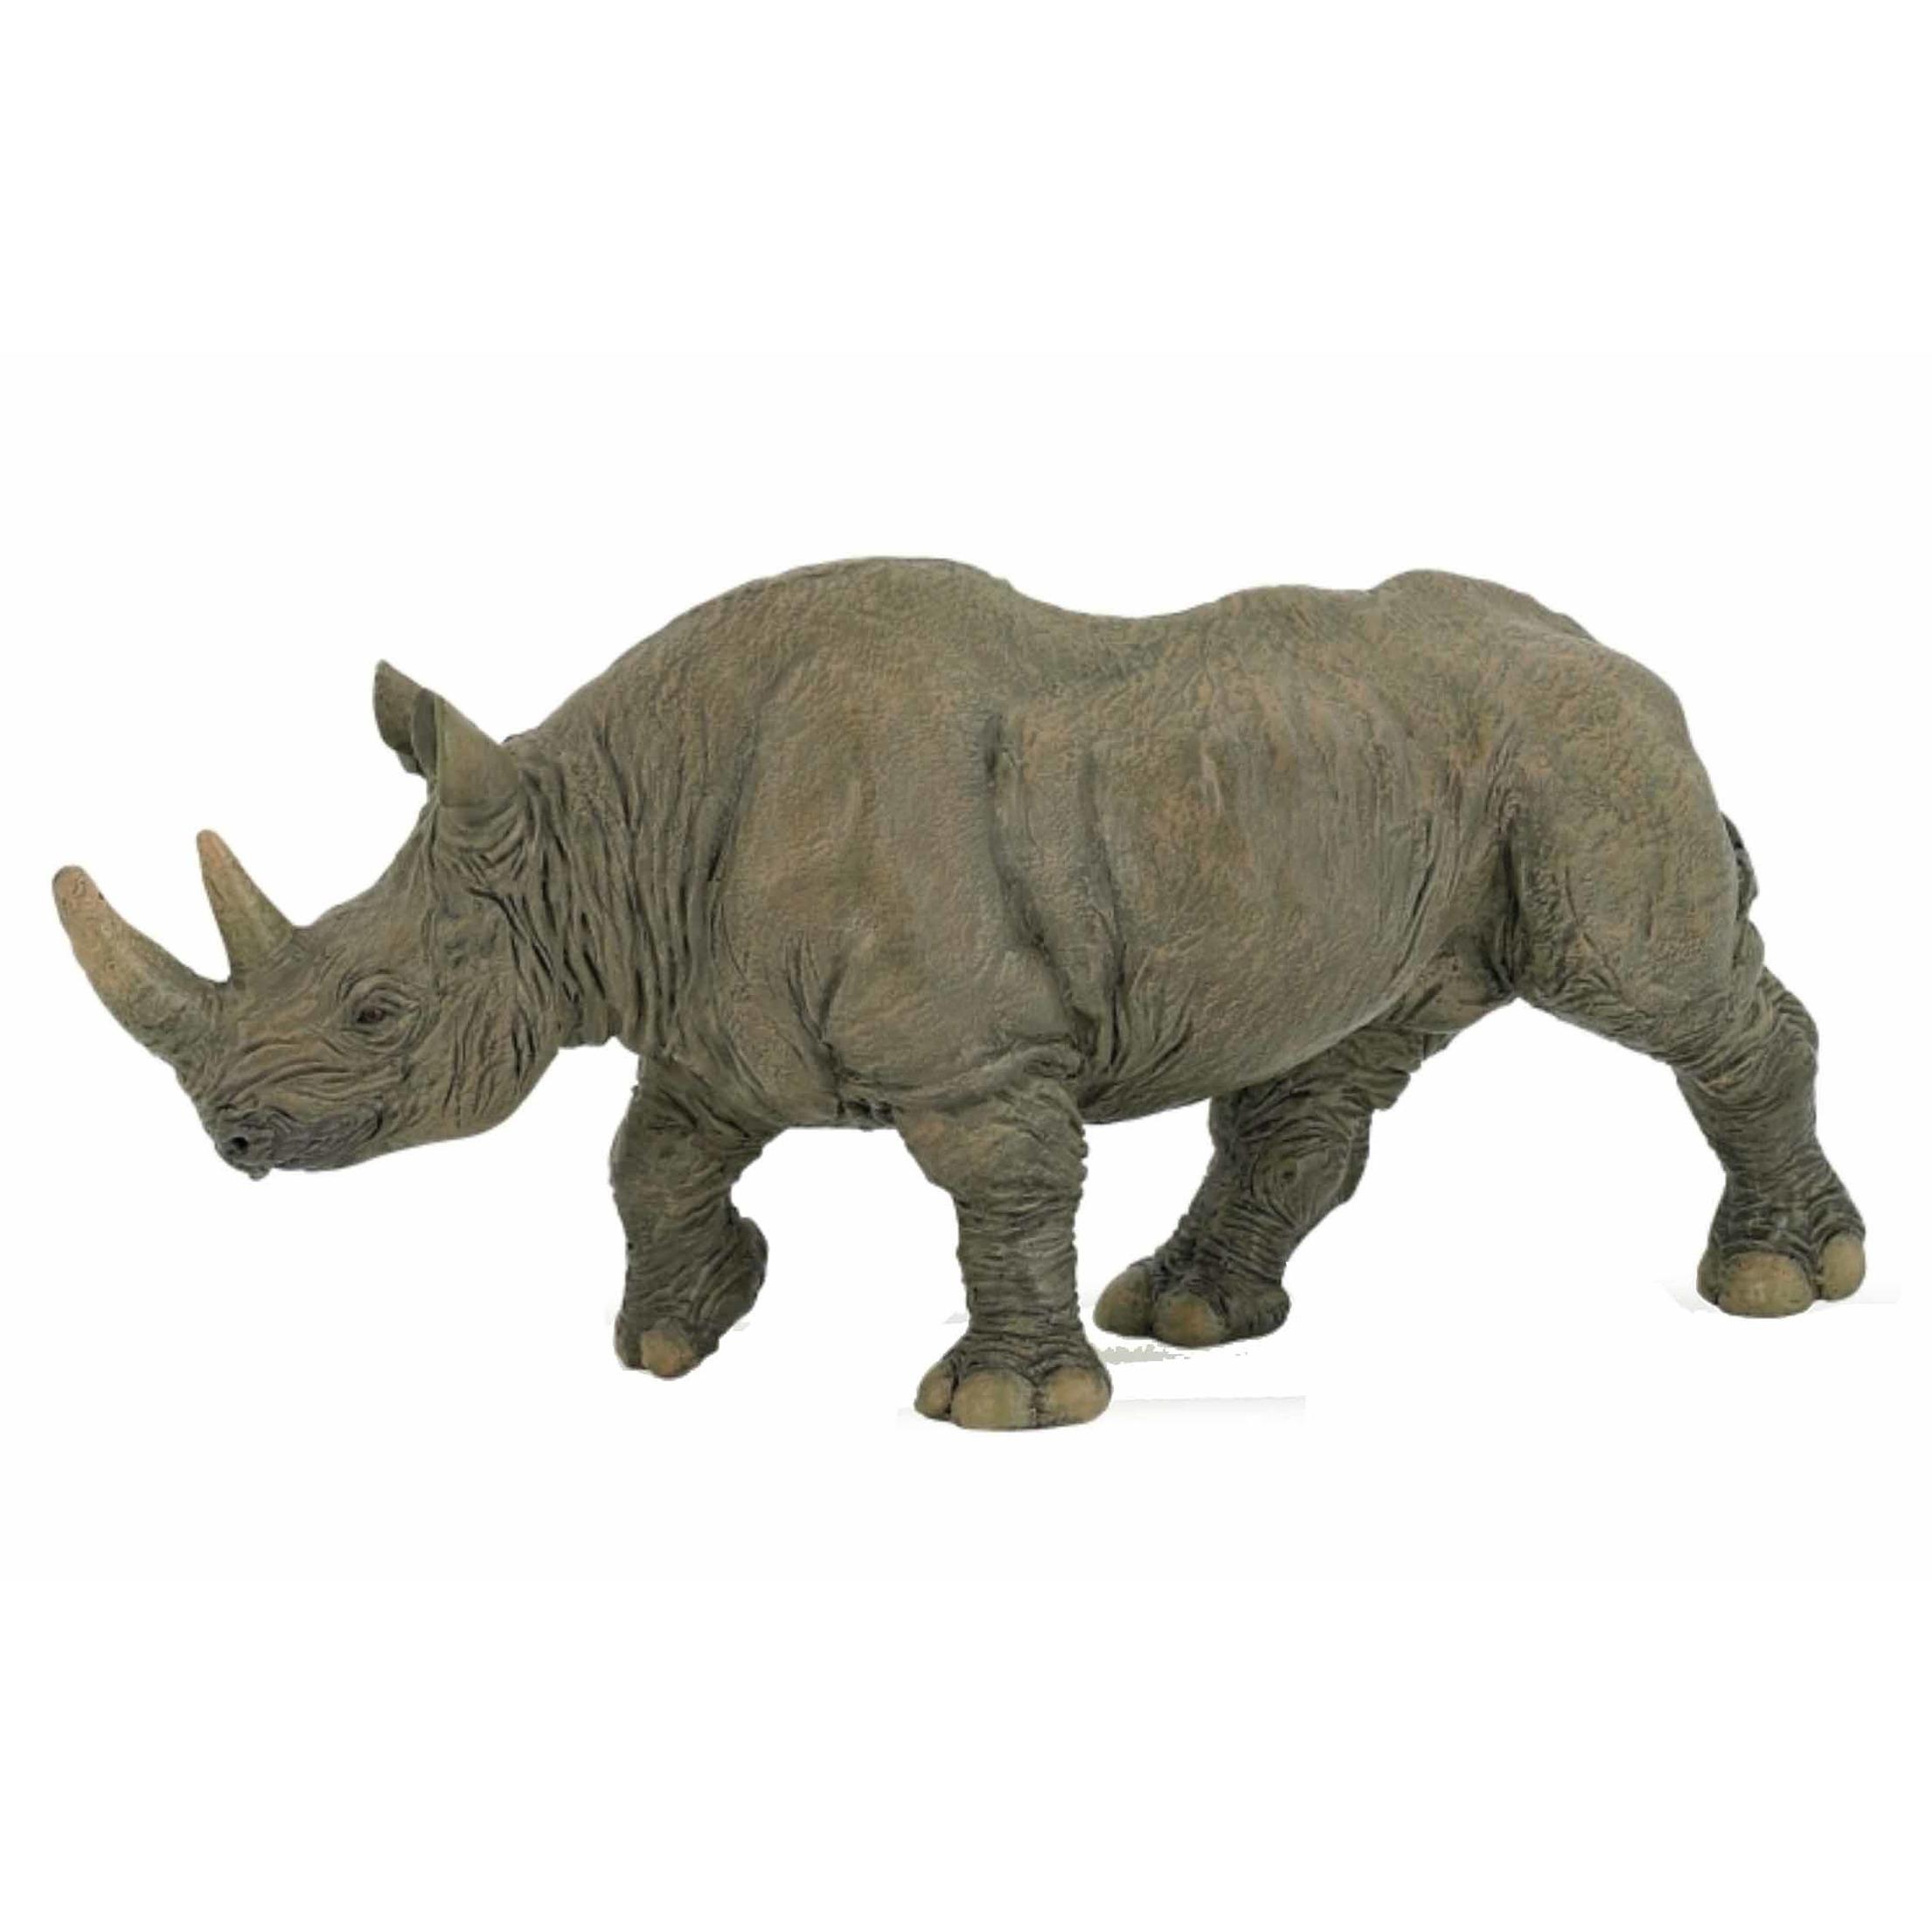 Plastic speelgoed zwarte neushoorn 5 cm